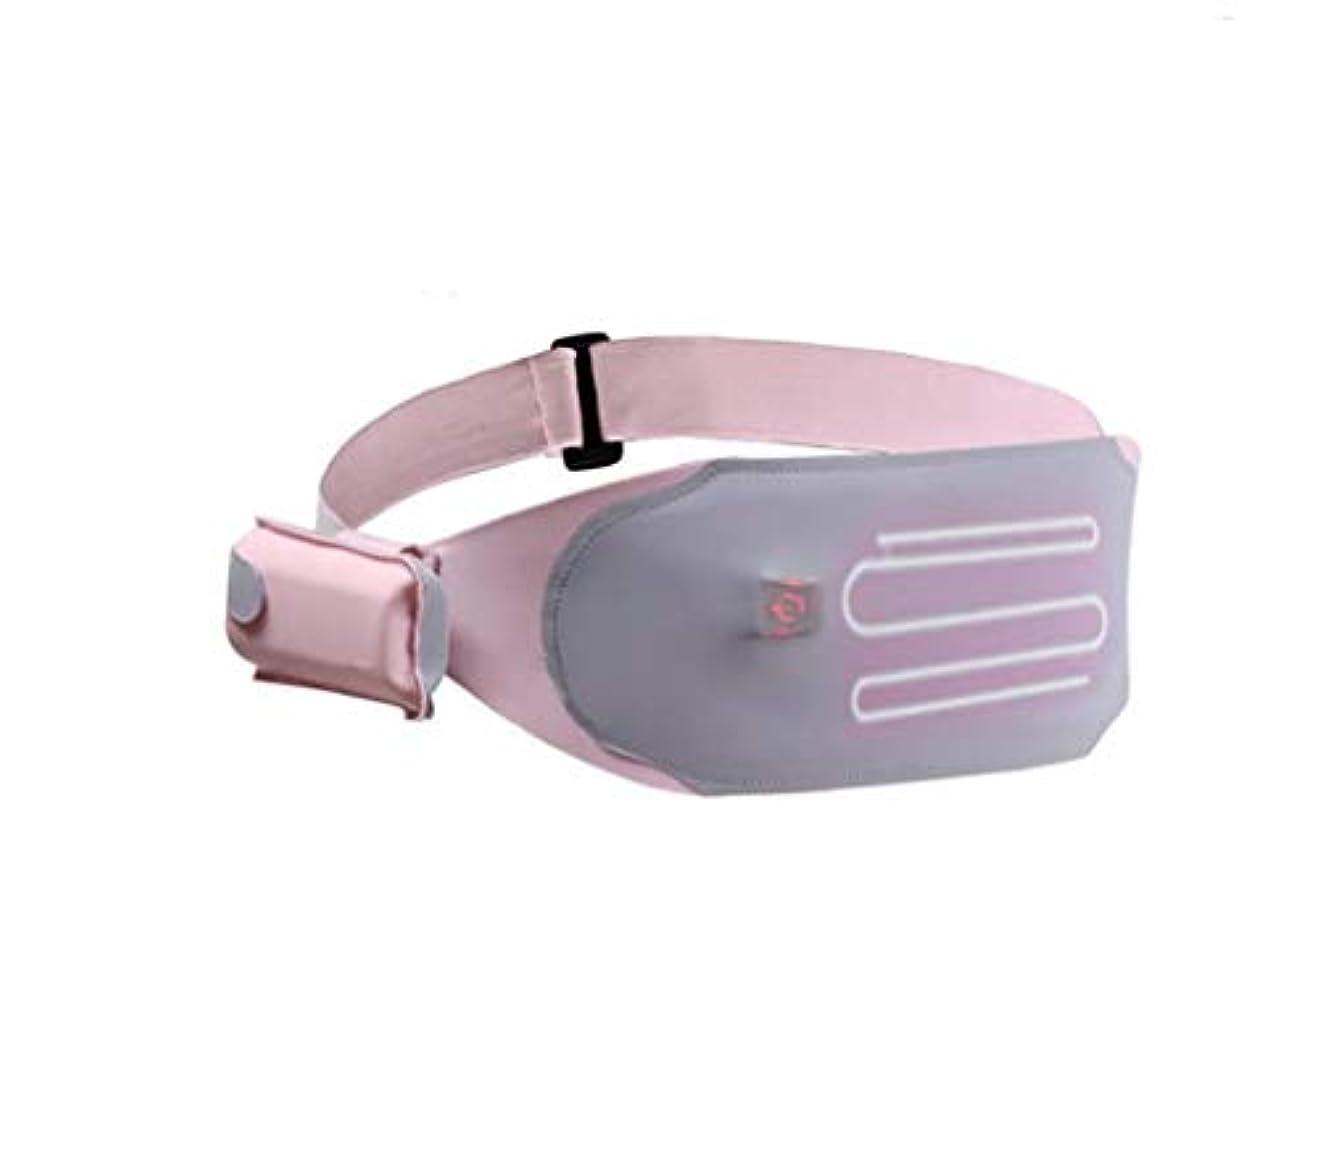 私達平野思われるウエストマッサージャー、ポータブルベルトサポート、USB充電、加熱、女性の月経困難症を緩和するために調整可能な3つの温度